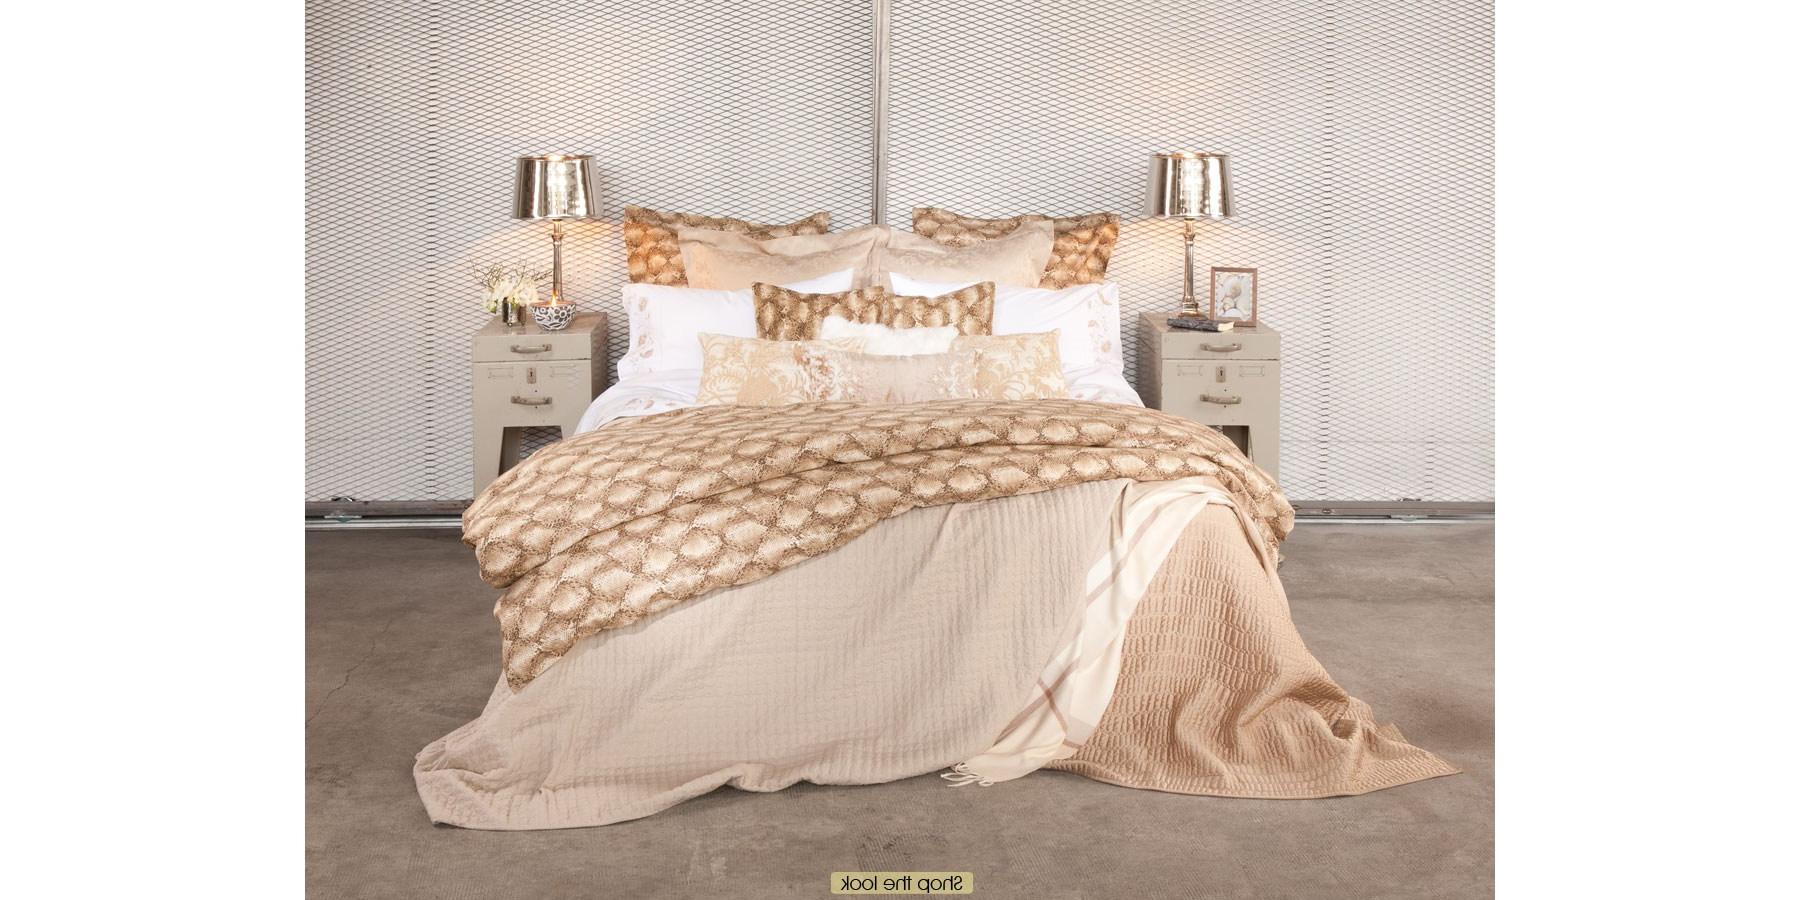 Mantas De sofa Zara Home Kvdd Mantas De sofa Zara Home Zara Home sofas Brokeasshome